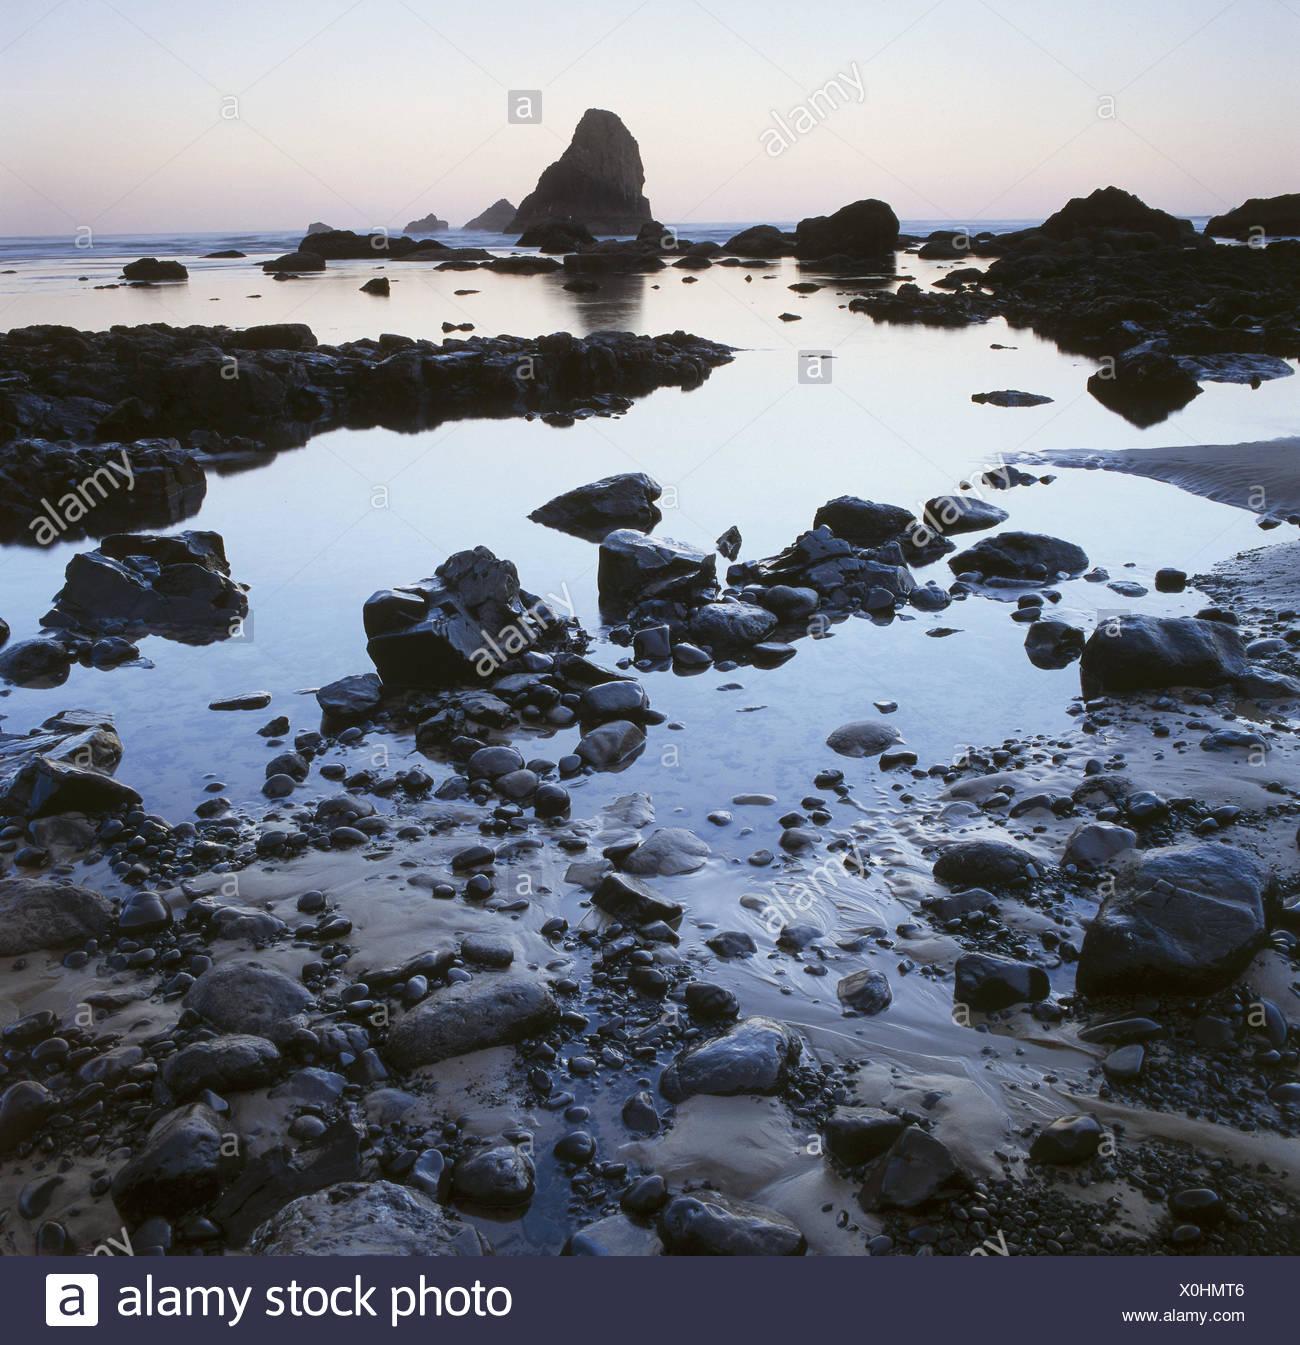 USA, Oregon, Cannon Beach Galle Küste, menschenleer, Dämmerung, Nordamerika, Westküste, Küste, Steinen, Felsen, Ausfahrt, Einsamkeit, menschenleer, Natur, Ruhe, Stille, unberührte, geheimnisvoll, mystisch, morgen tuning, Stockbild